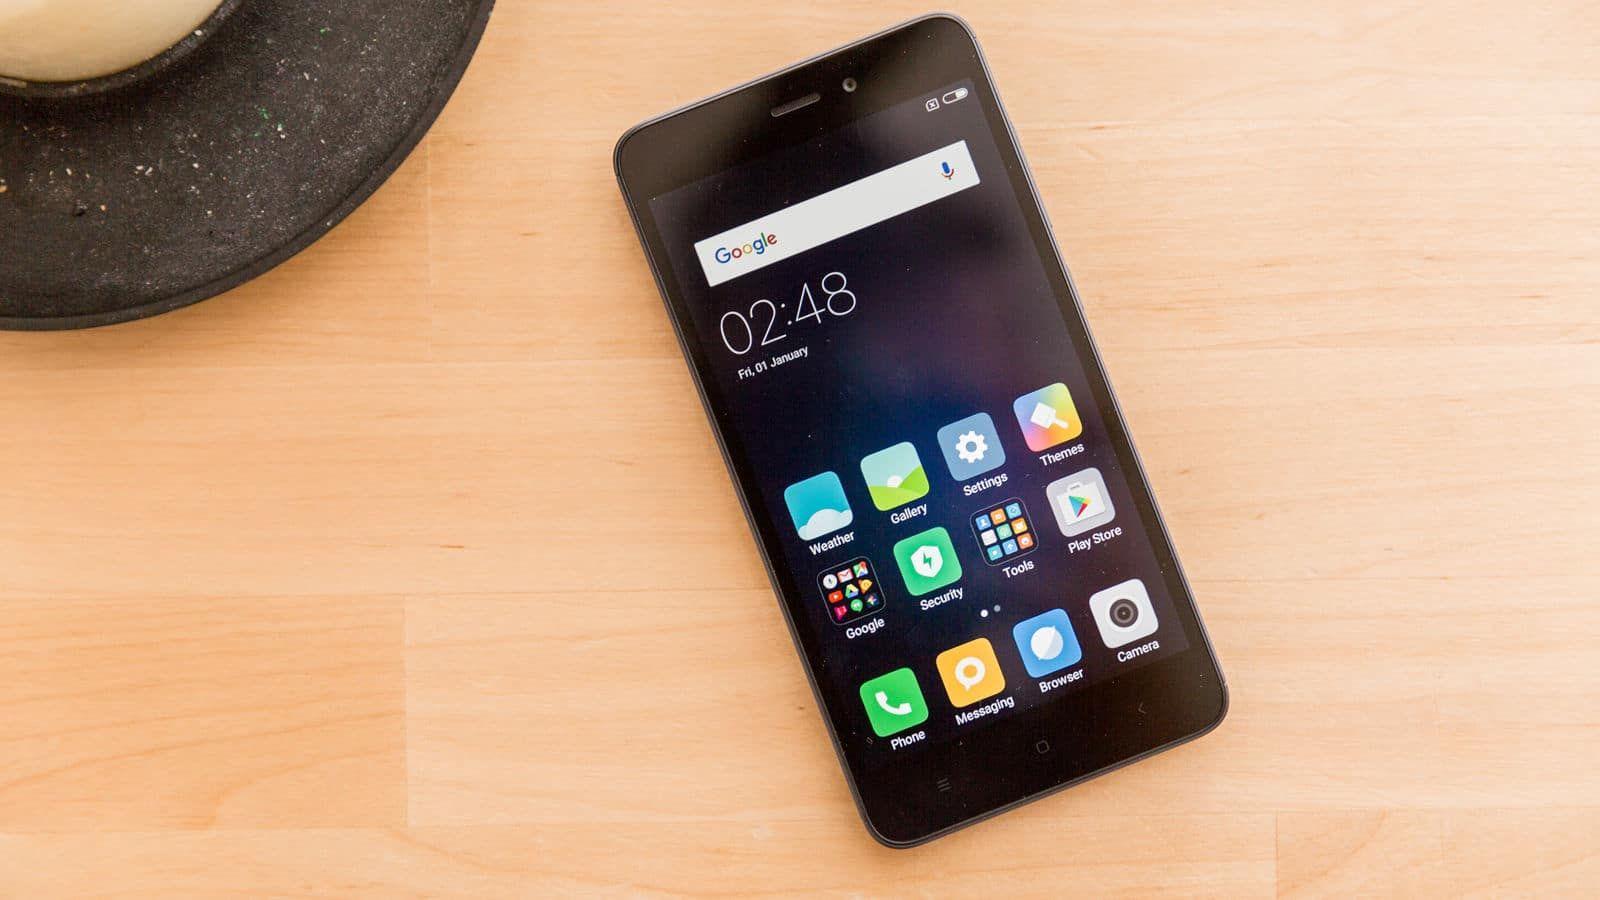 Rekomendasi Hp Android Murah Terbaik Dengan Harga 1 Jutaan Gadget